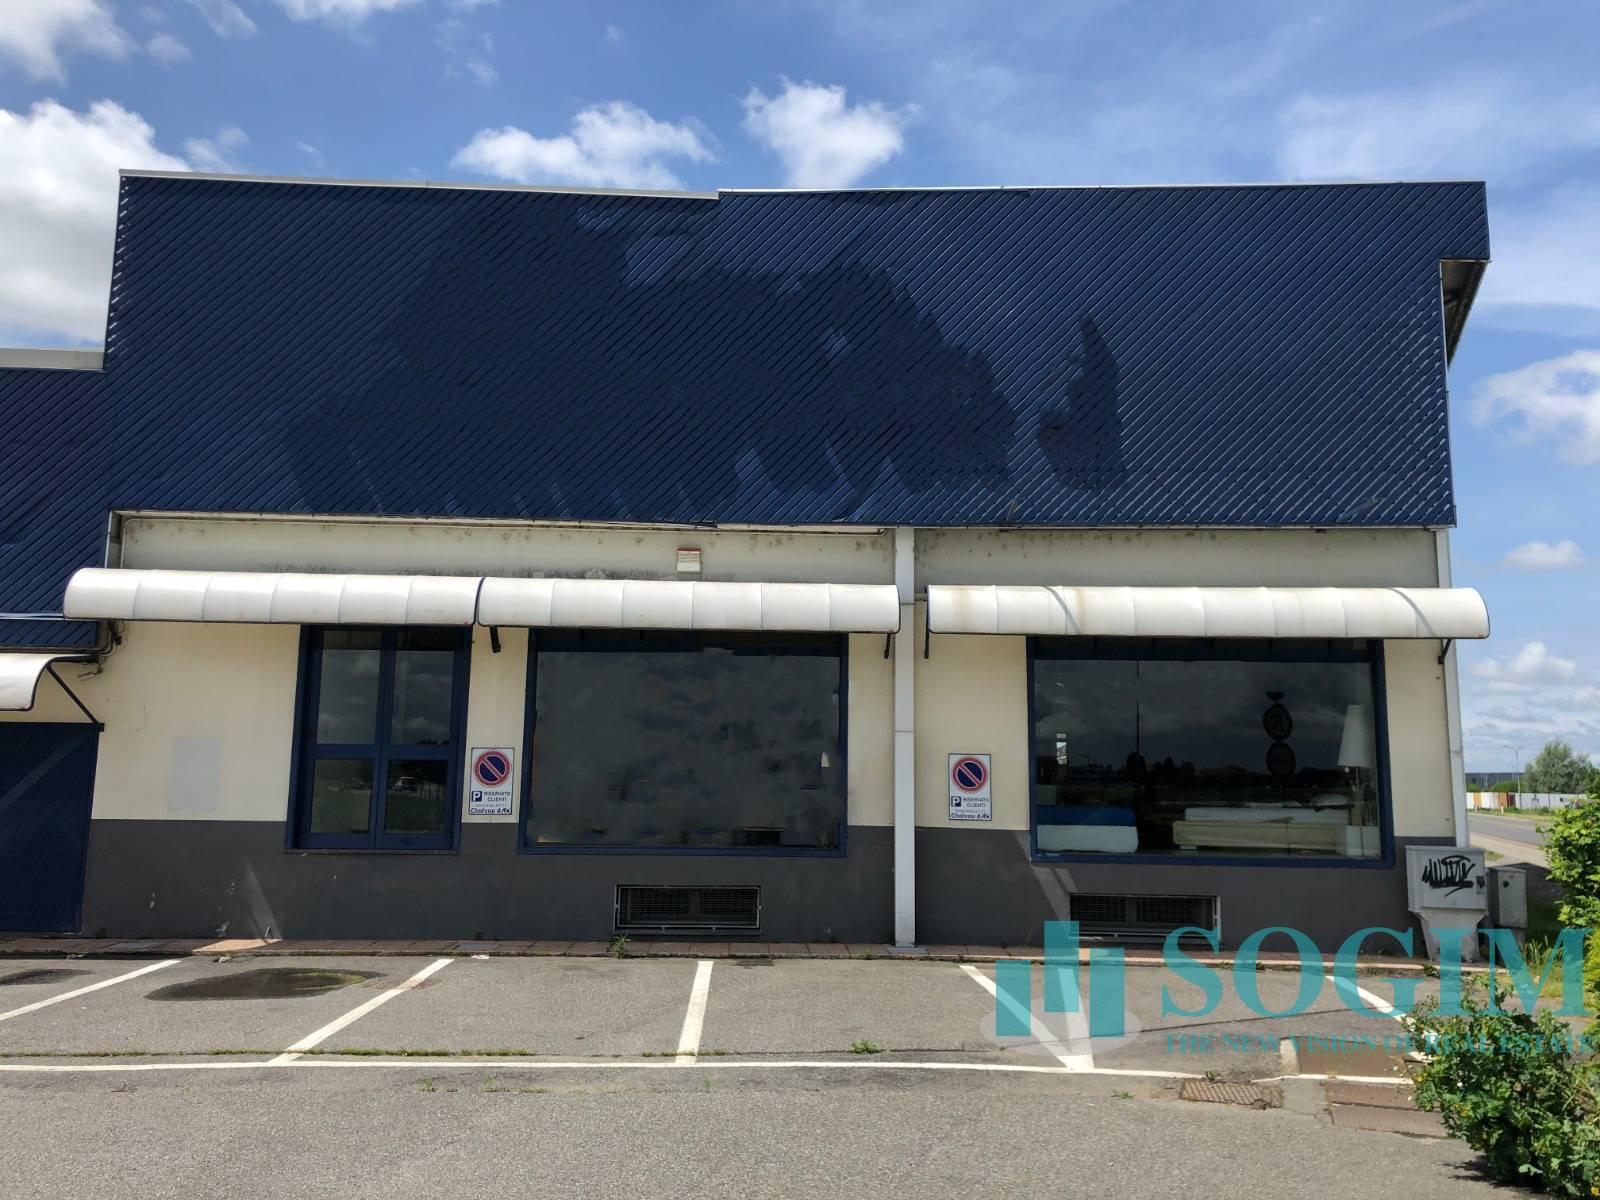 Negozio / Locale in affitto a Trecate, 9999 locali, prezzo € 5.000 | PortaleAgenzieImmobiliari.it